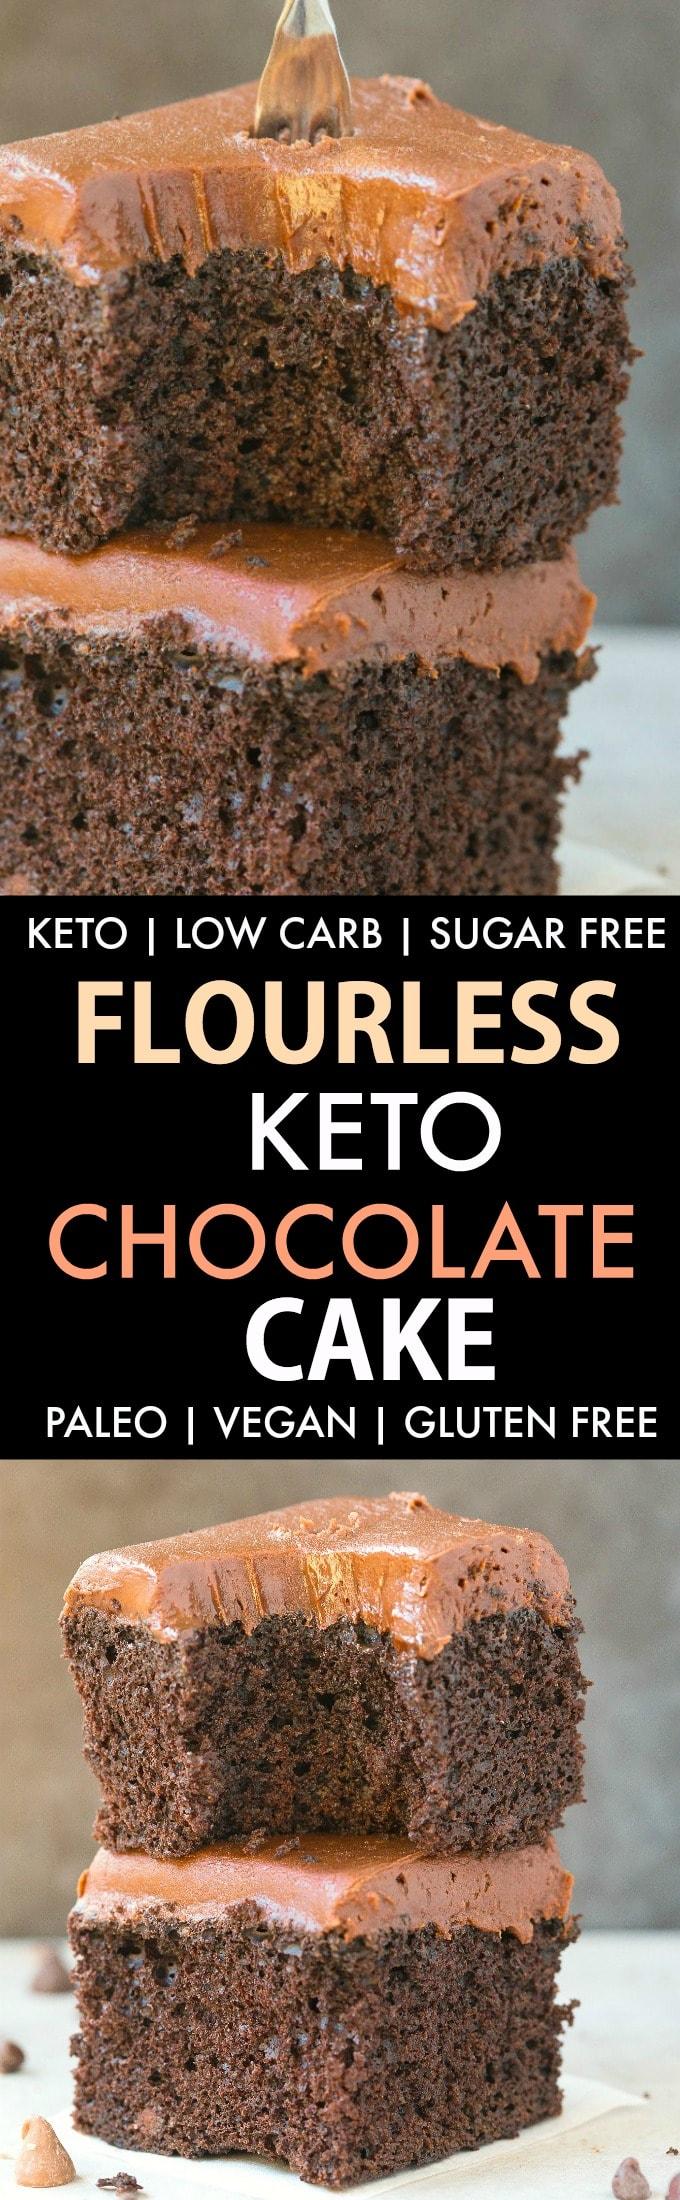 Flourless Paleo Vegan Chocolate Cake (Keto, Low Carb)